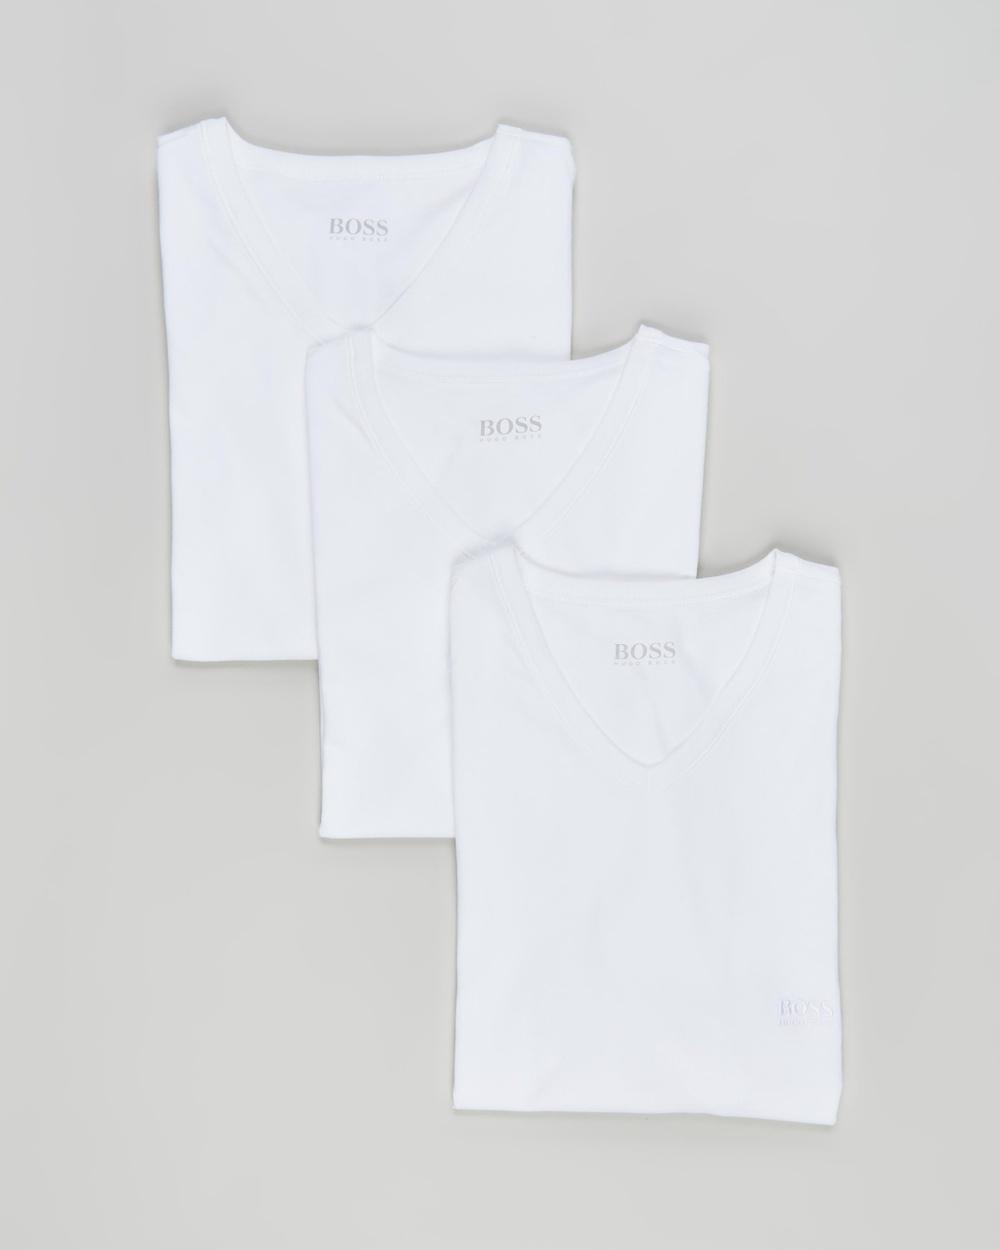 BOSS V Neck T Shirts 3 Pack T-Shirts & Singlets White V-Neck 3-Pack